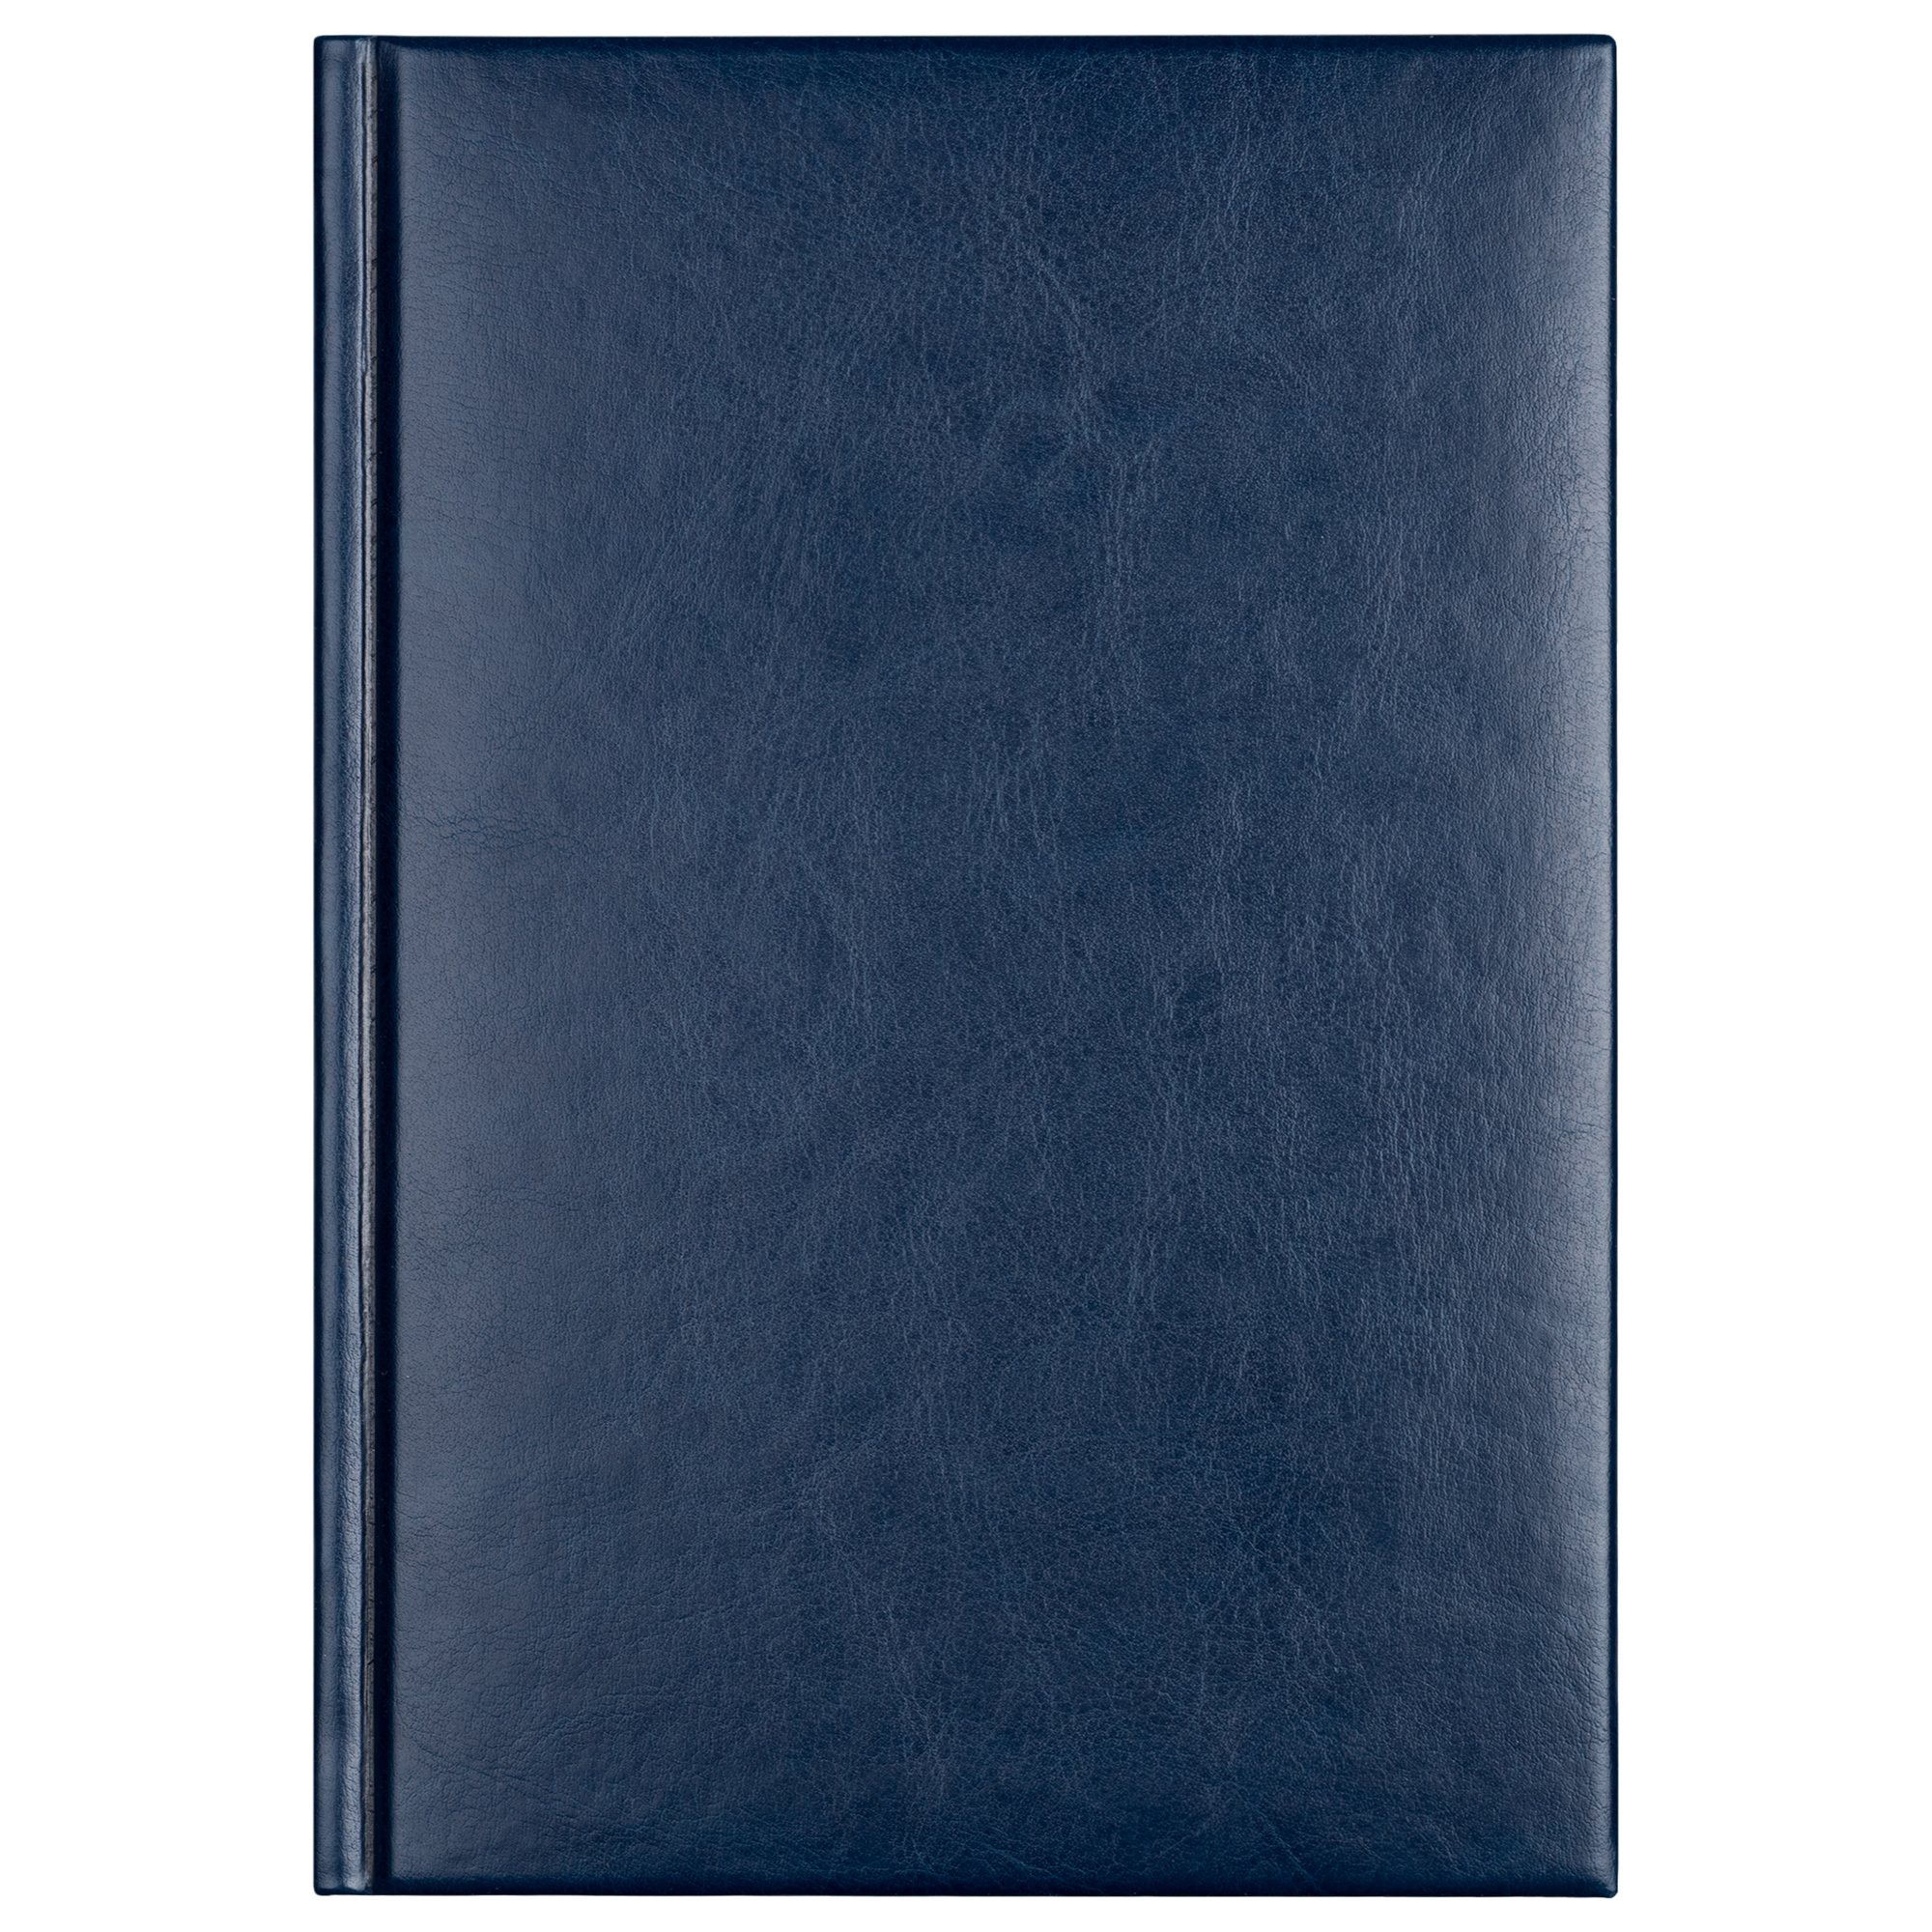 Eжедневник недатированный Birmingham 145х205 мм, без календаря, синий